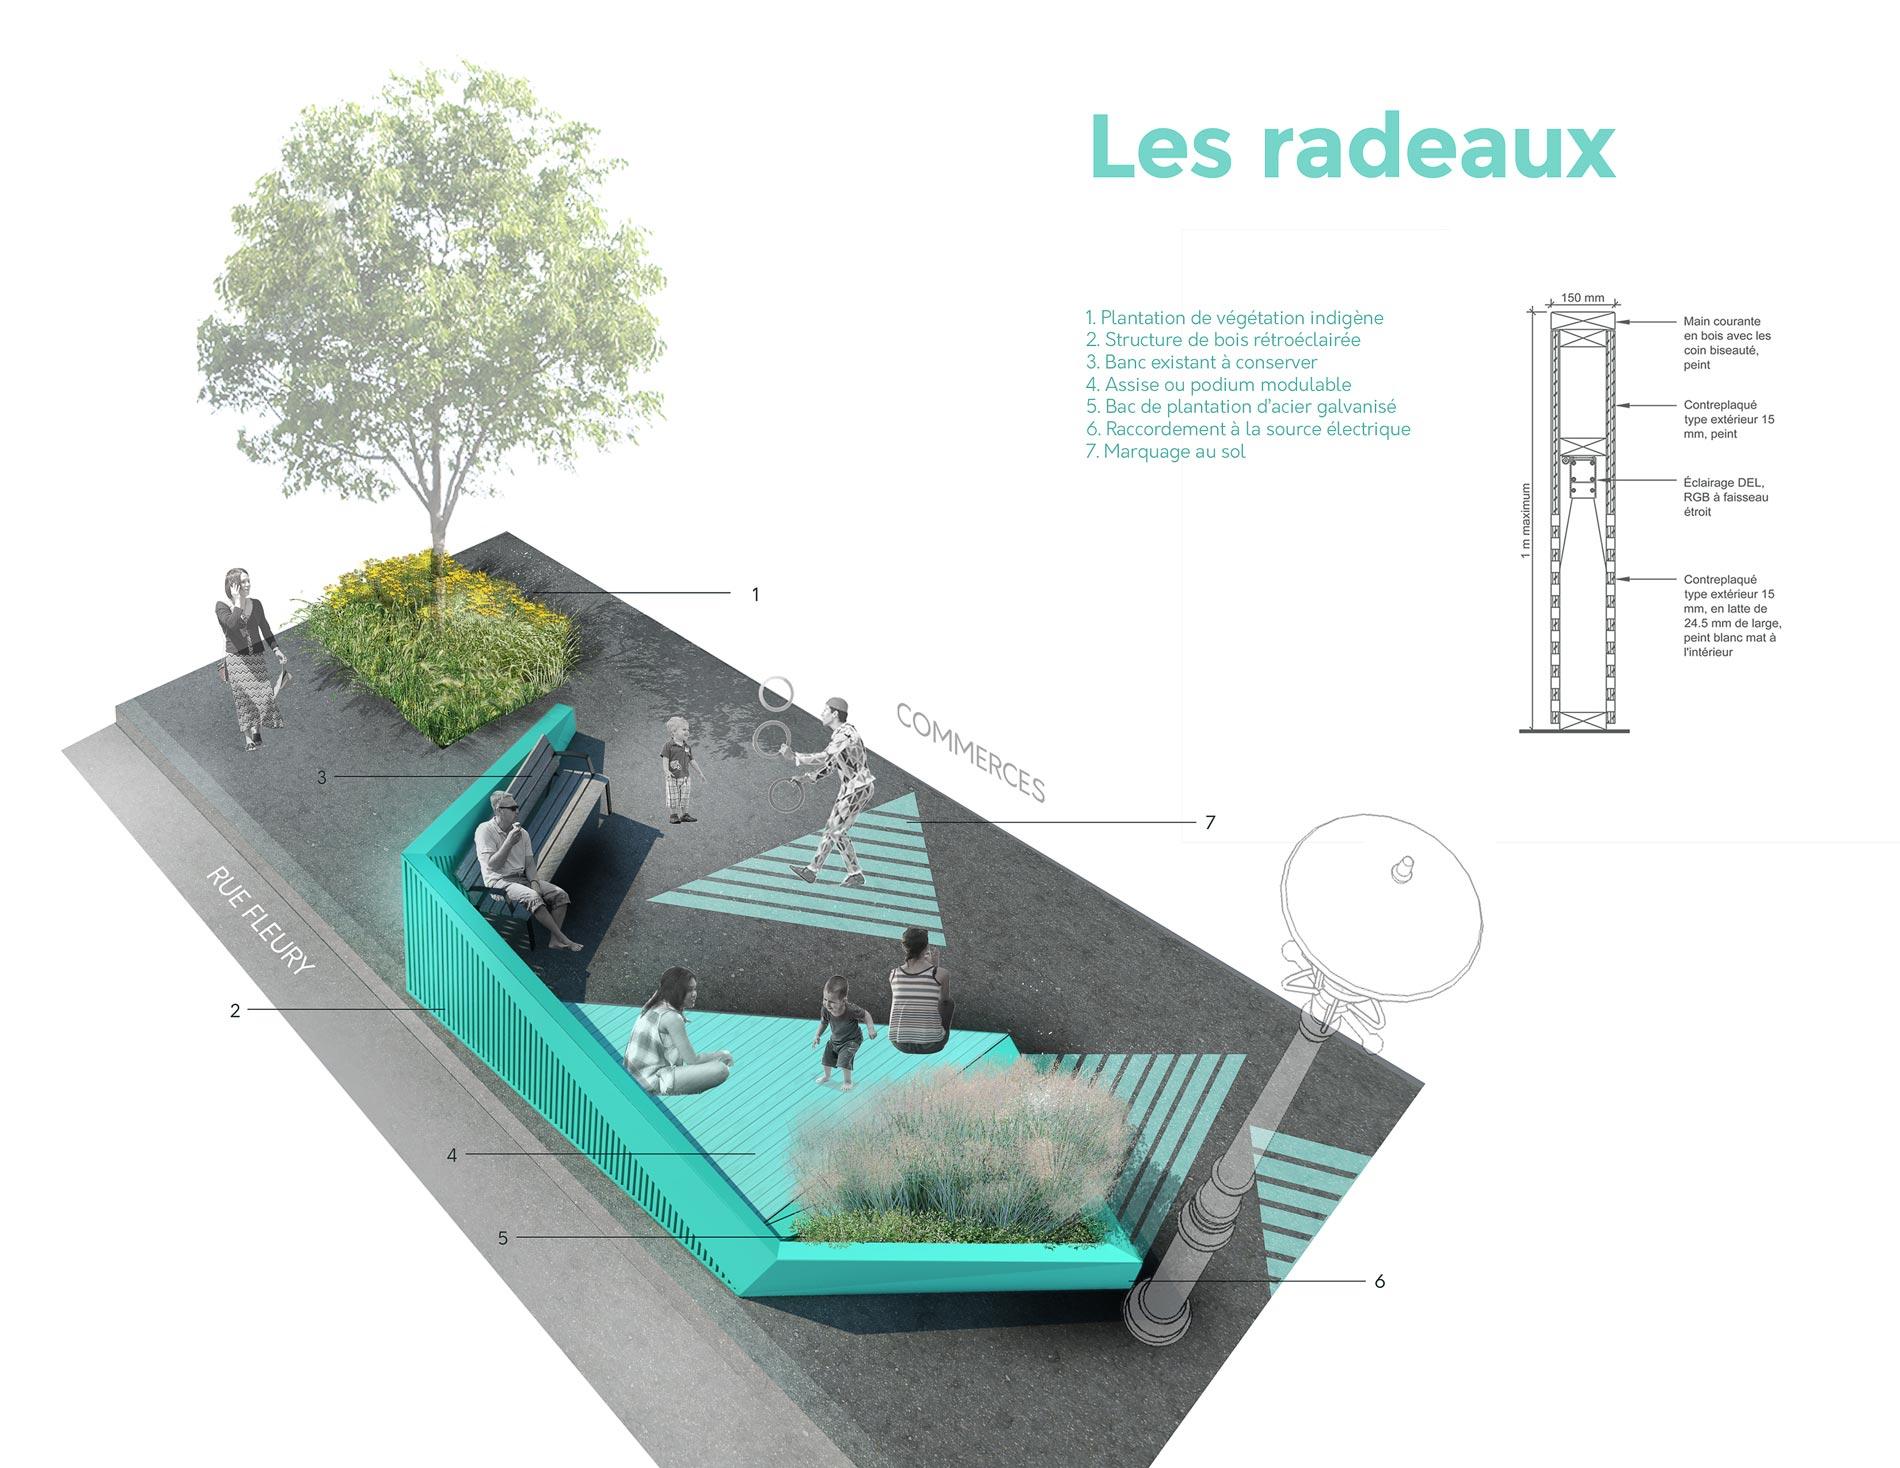 promenade fleury, design montréal, rivages, collectif escargo, zaraté lavignes architecte, art public, radeaux cageux